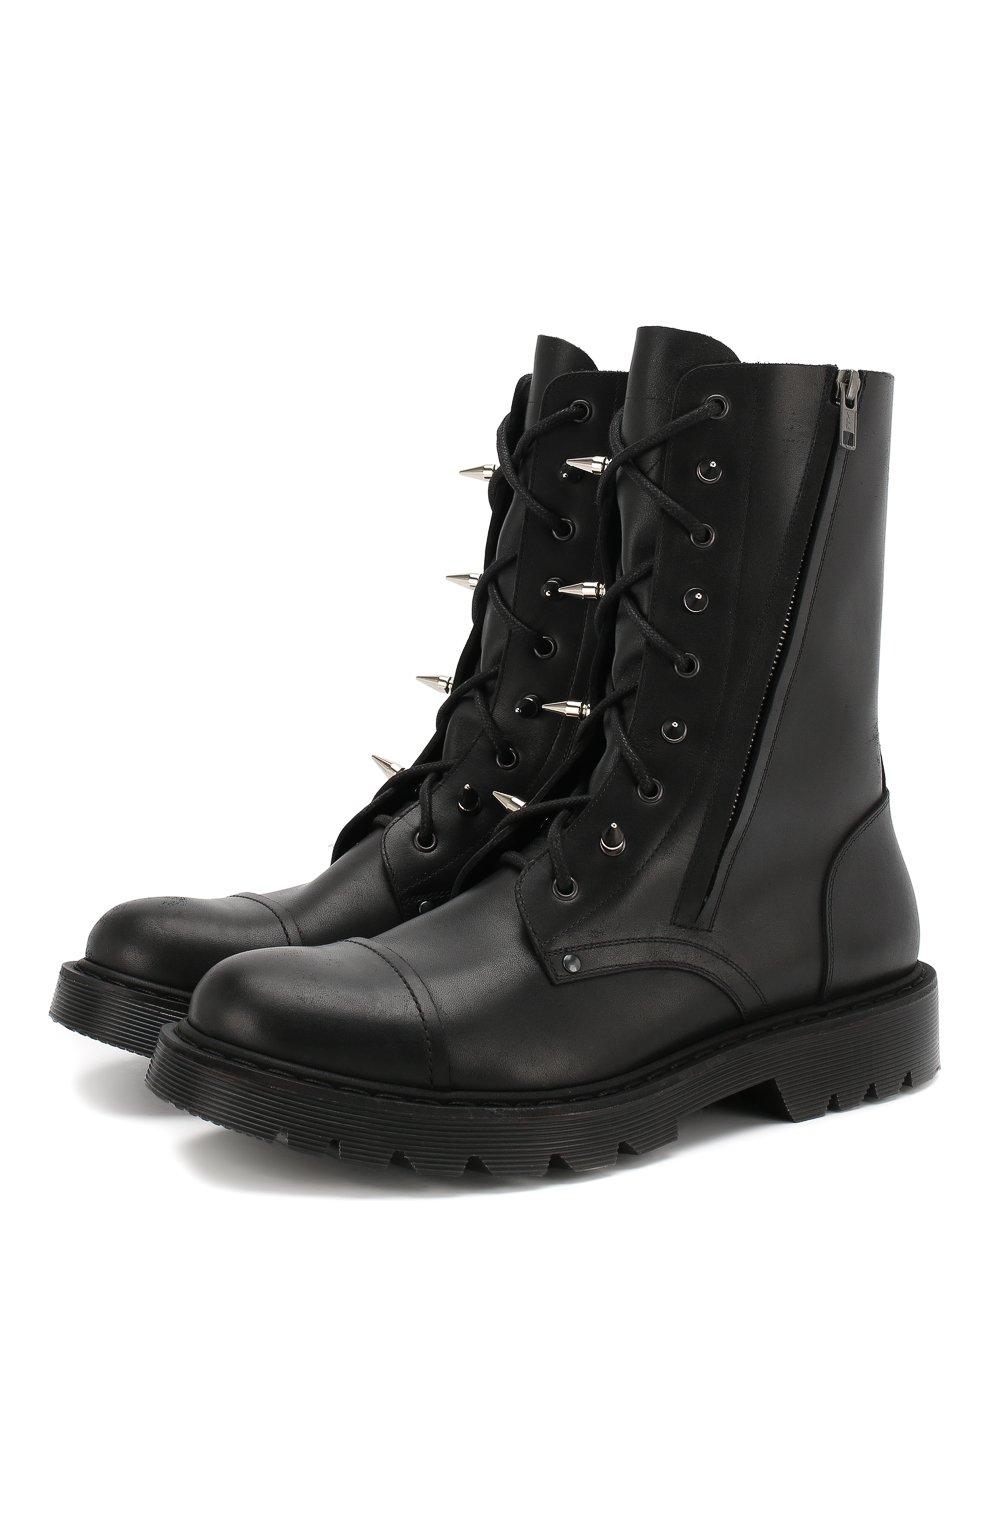 6e7684f78 Мужские черные кожаные ботинки VETEMENTS — купить за 94600 руб. в ...